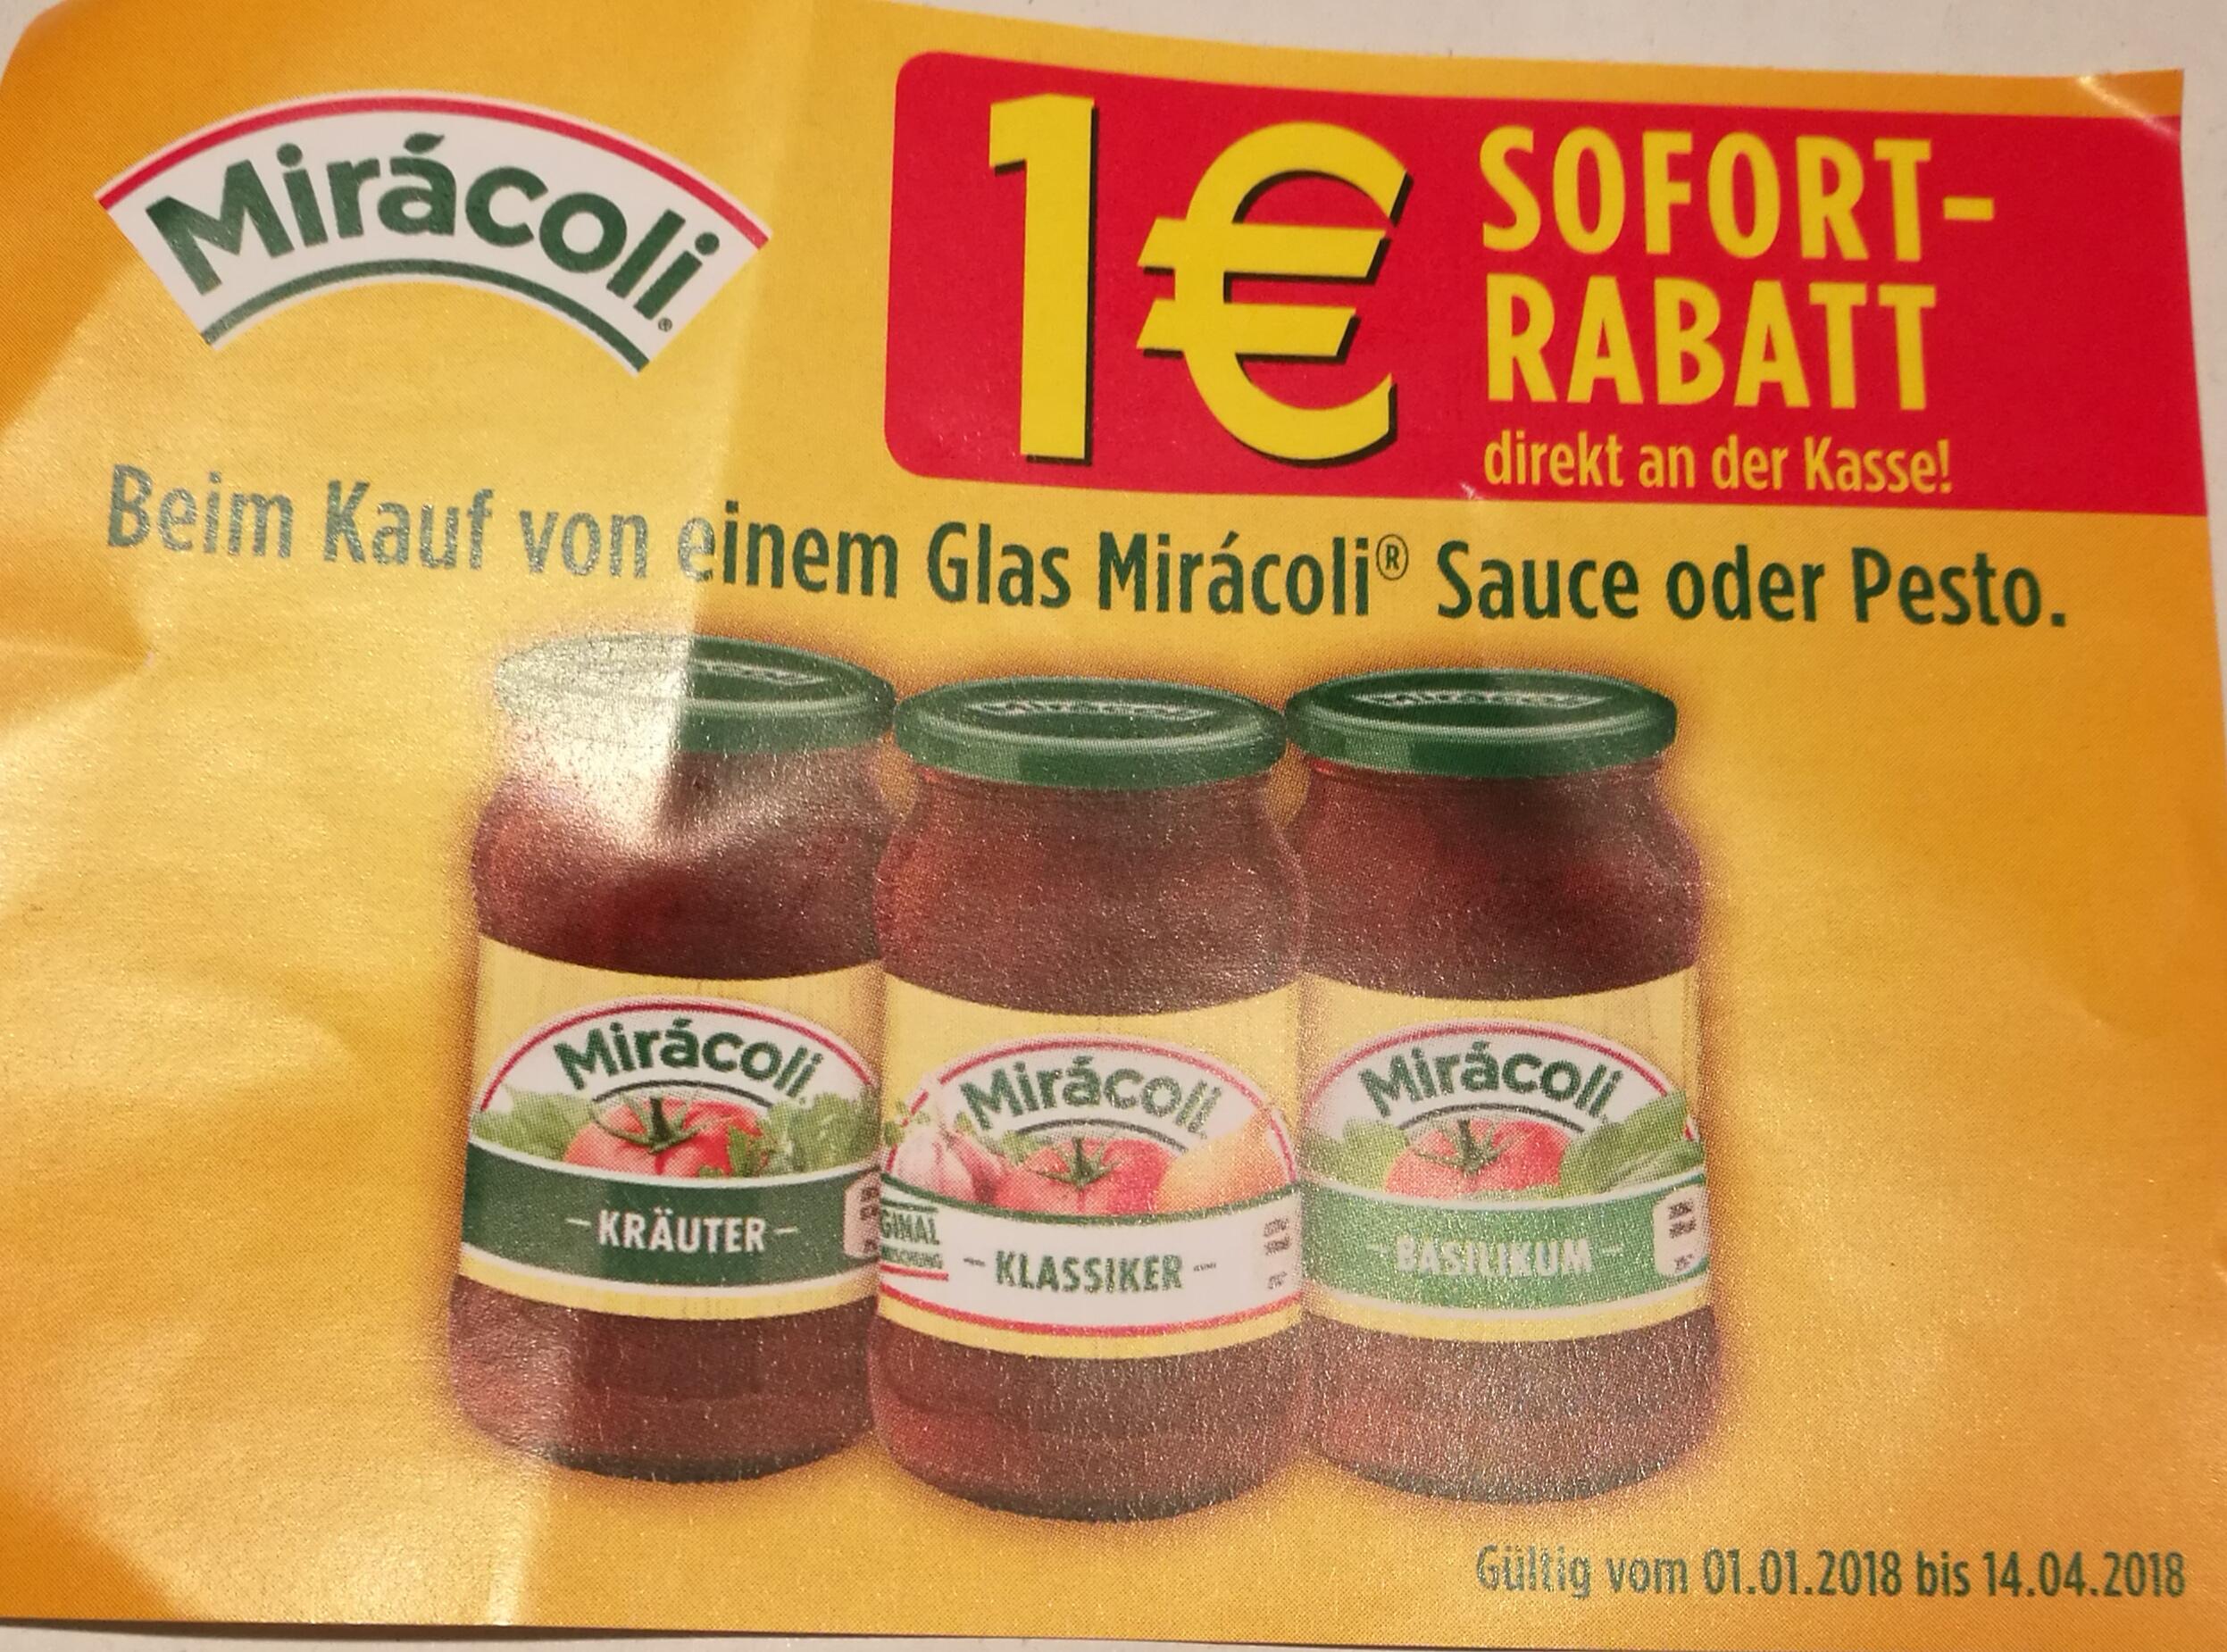 1 € Rabatt auf Miracoli Saucen/Pesto bis 14.04.18